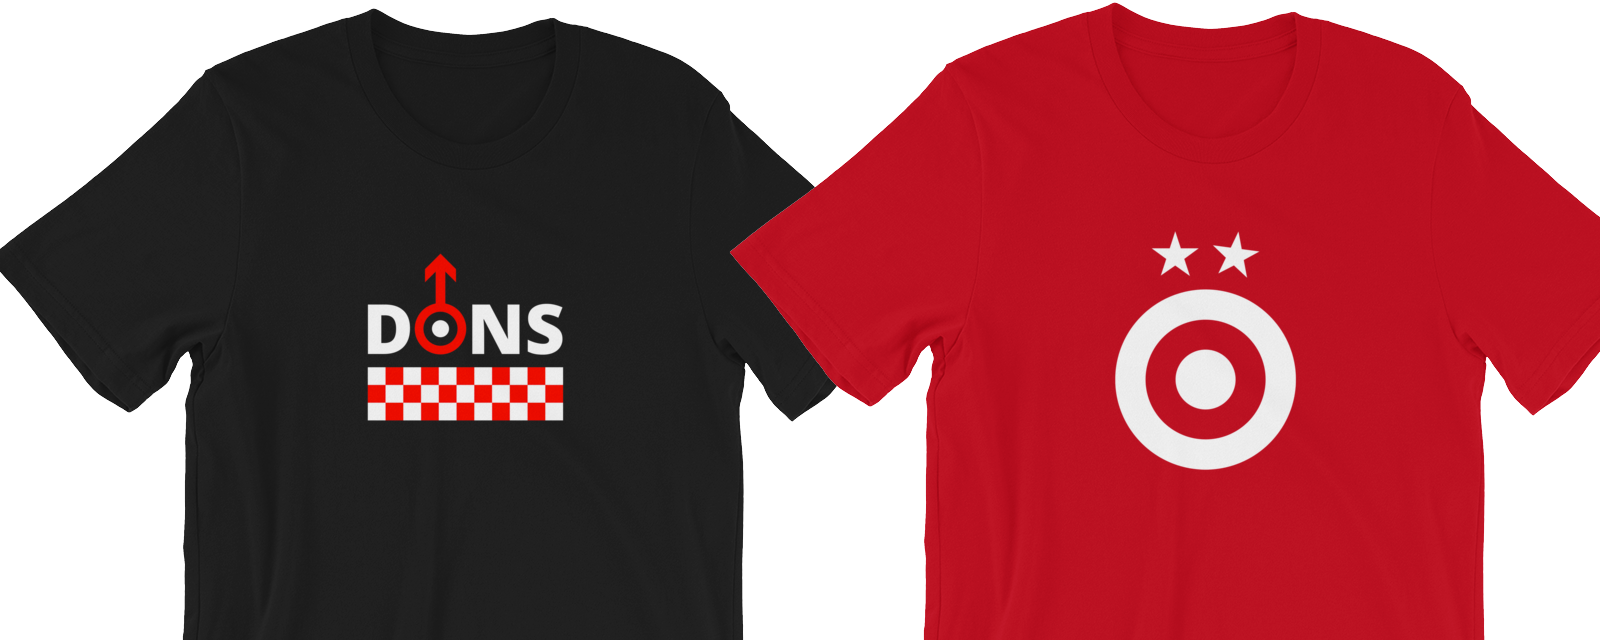 t-shirts aberdeen fc